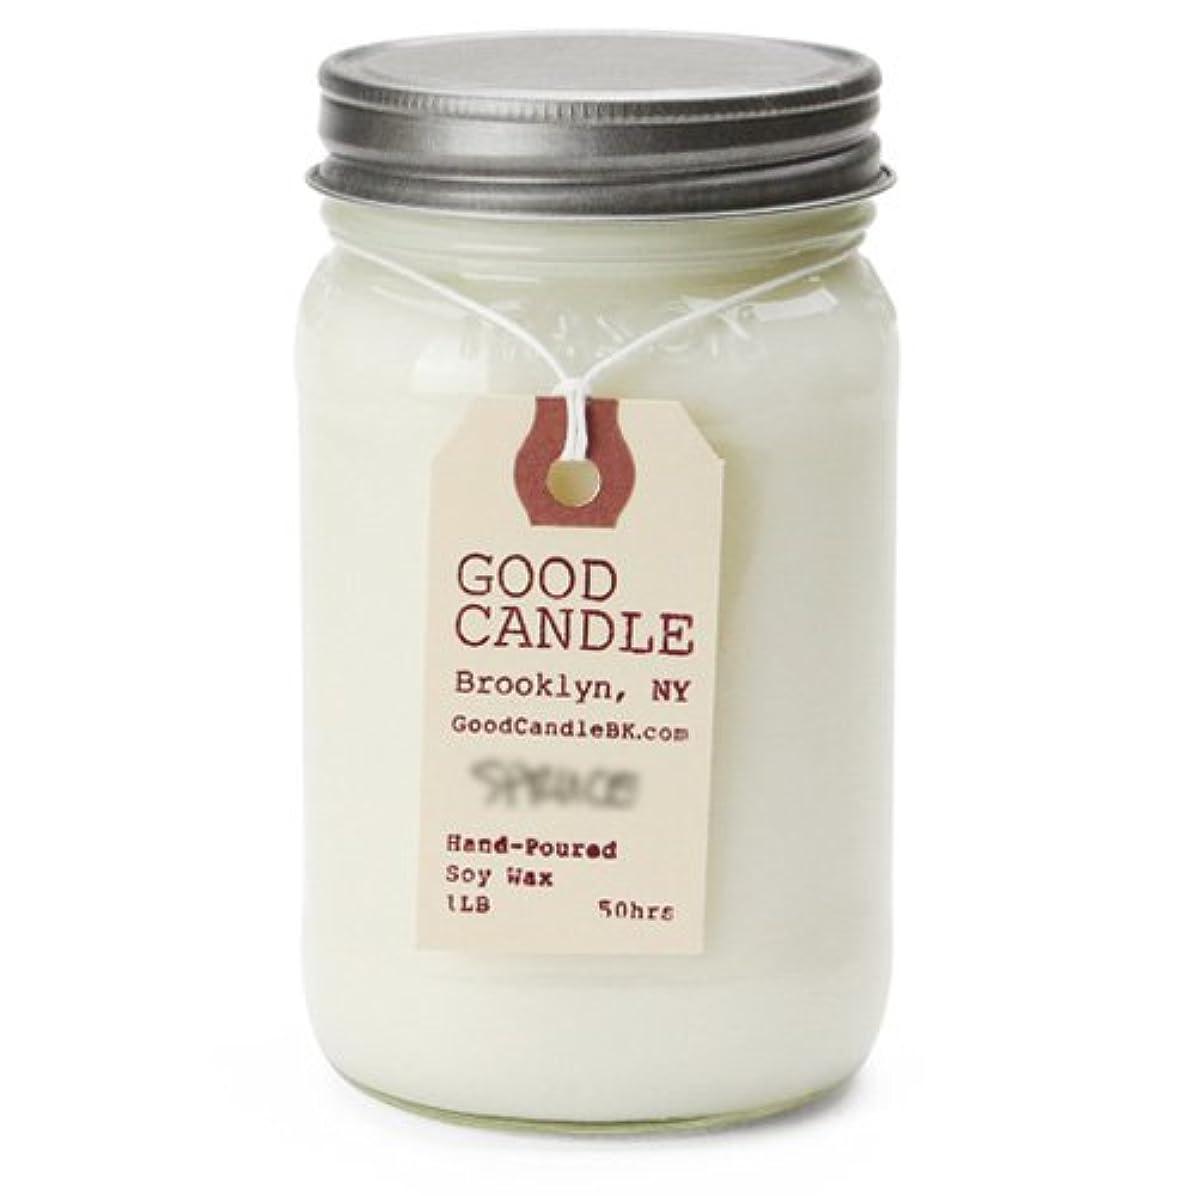 静めるカンガルーアラブ人グッドキャンドル 1ポンド メイソンジャー キャンドル Good Candle 1LB Mason jar candle [ bayberry ] 正規品